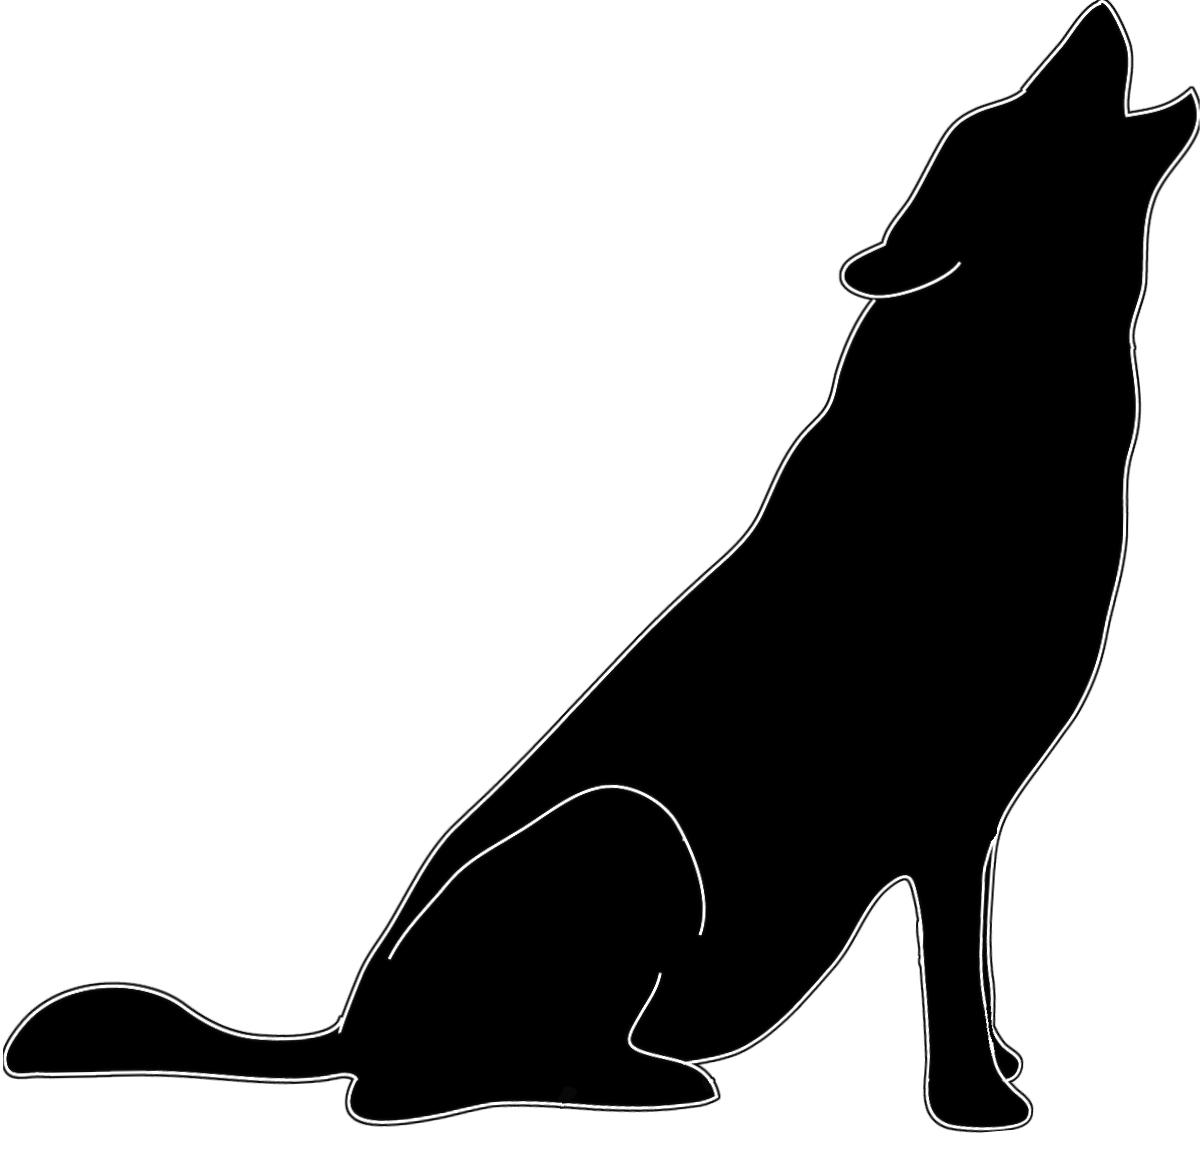 1200x1155 Howling Wolf Clip Art Dayasriohe Top 2